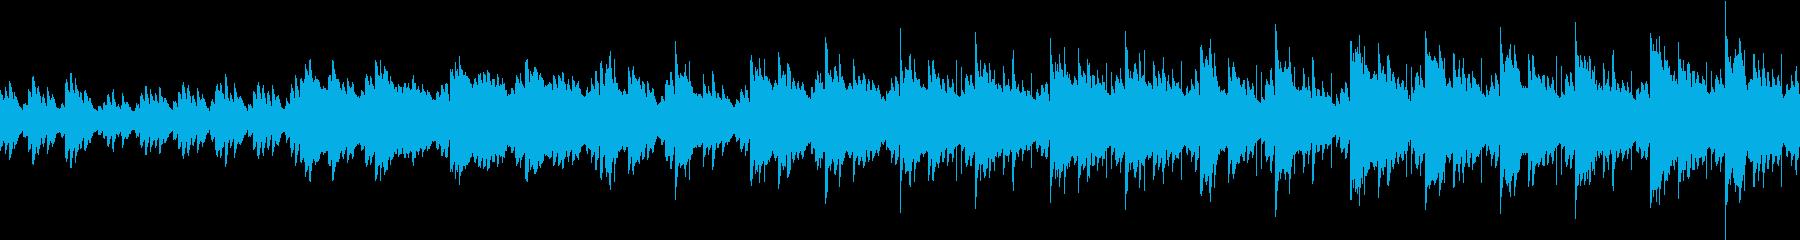 切ない青春01(Loop)_bpm90の再生済みの波形